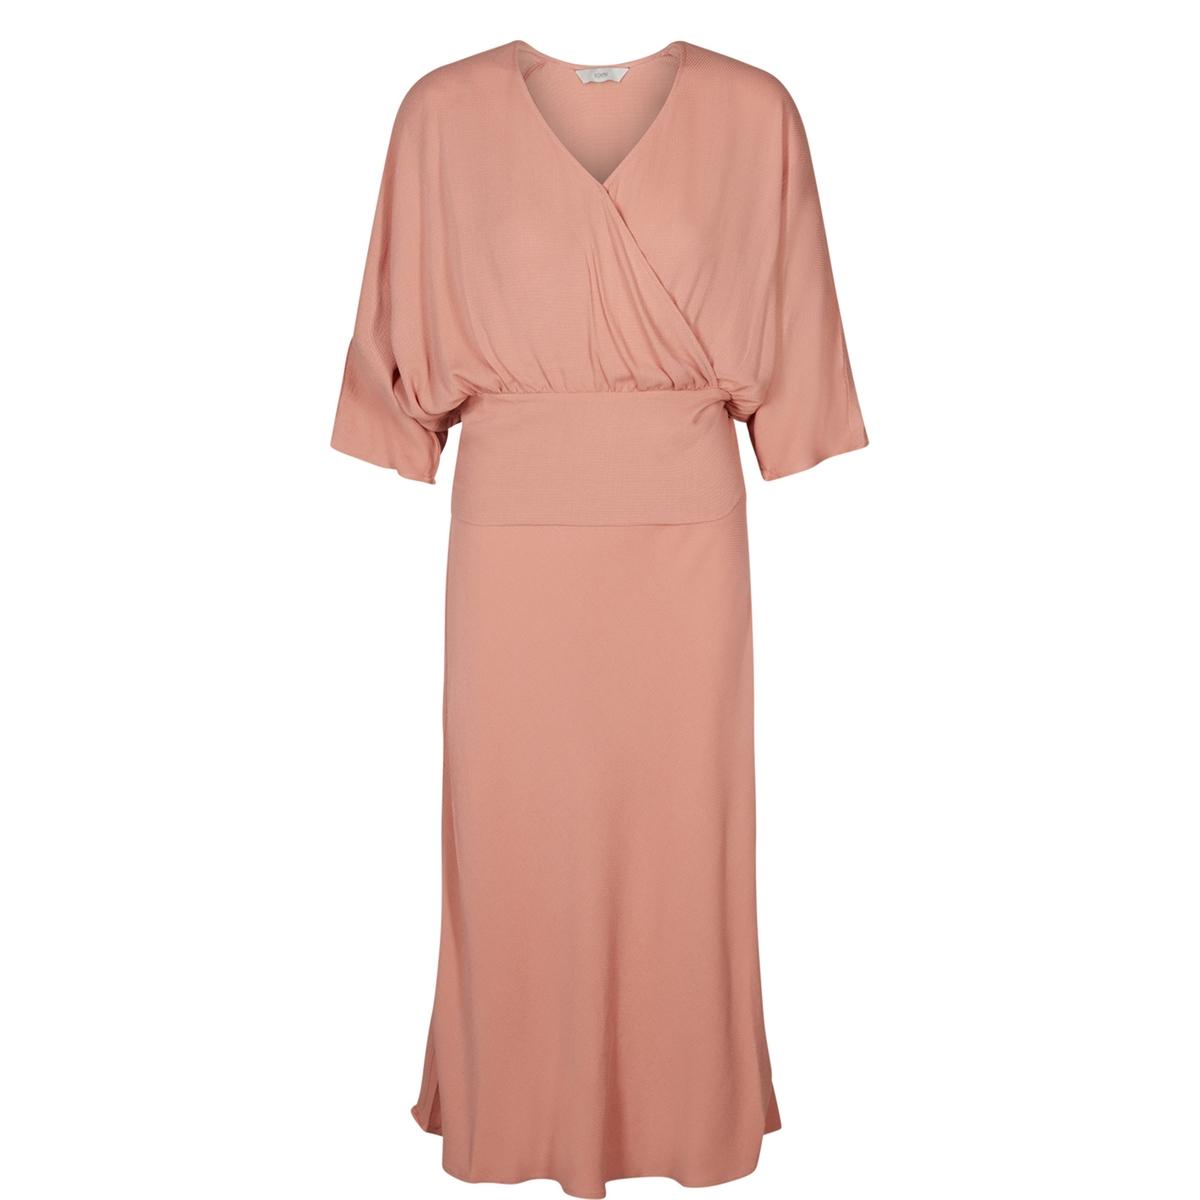 купить Платье длинное расклешенное однотонное с рукавами 3/4 по цене 6019.3 рублей